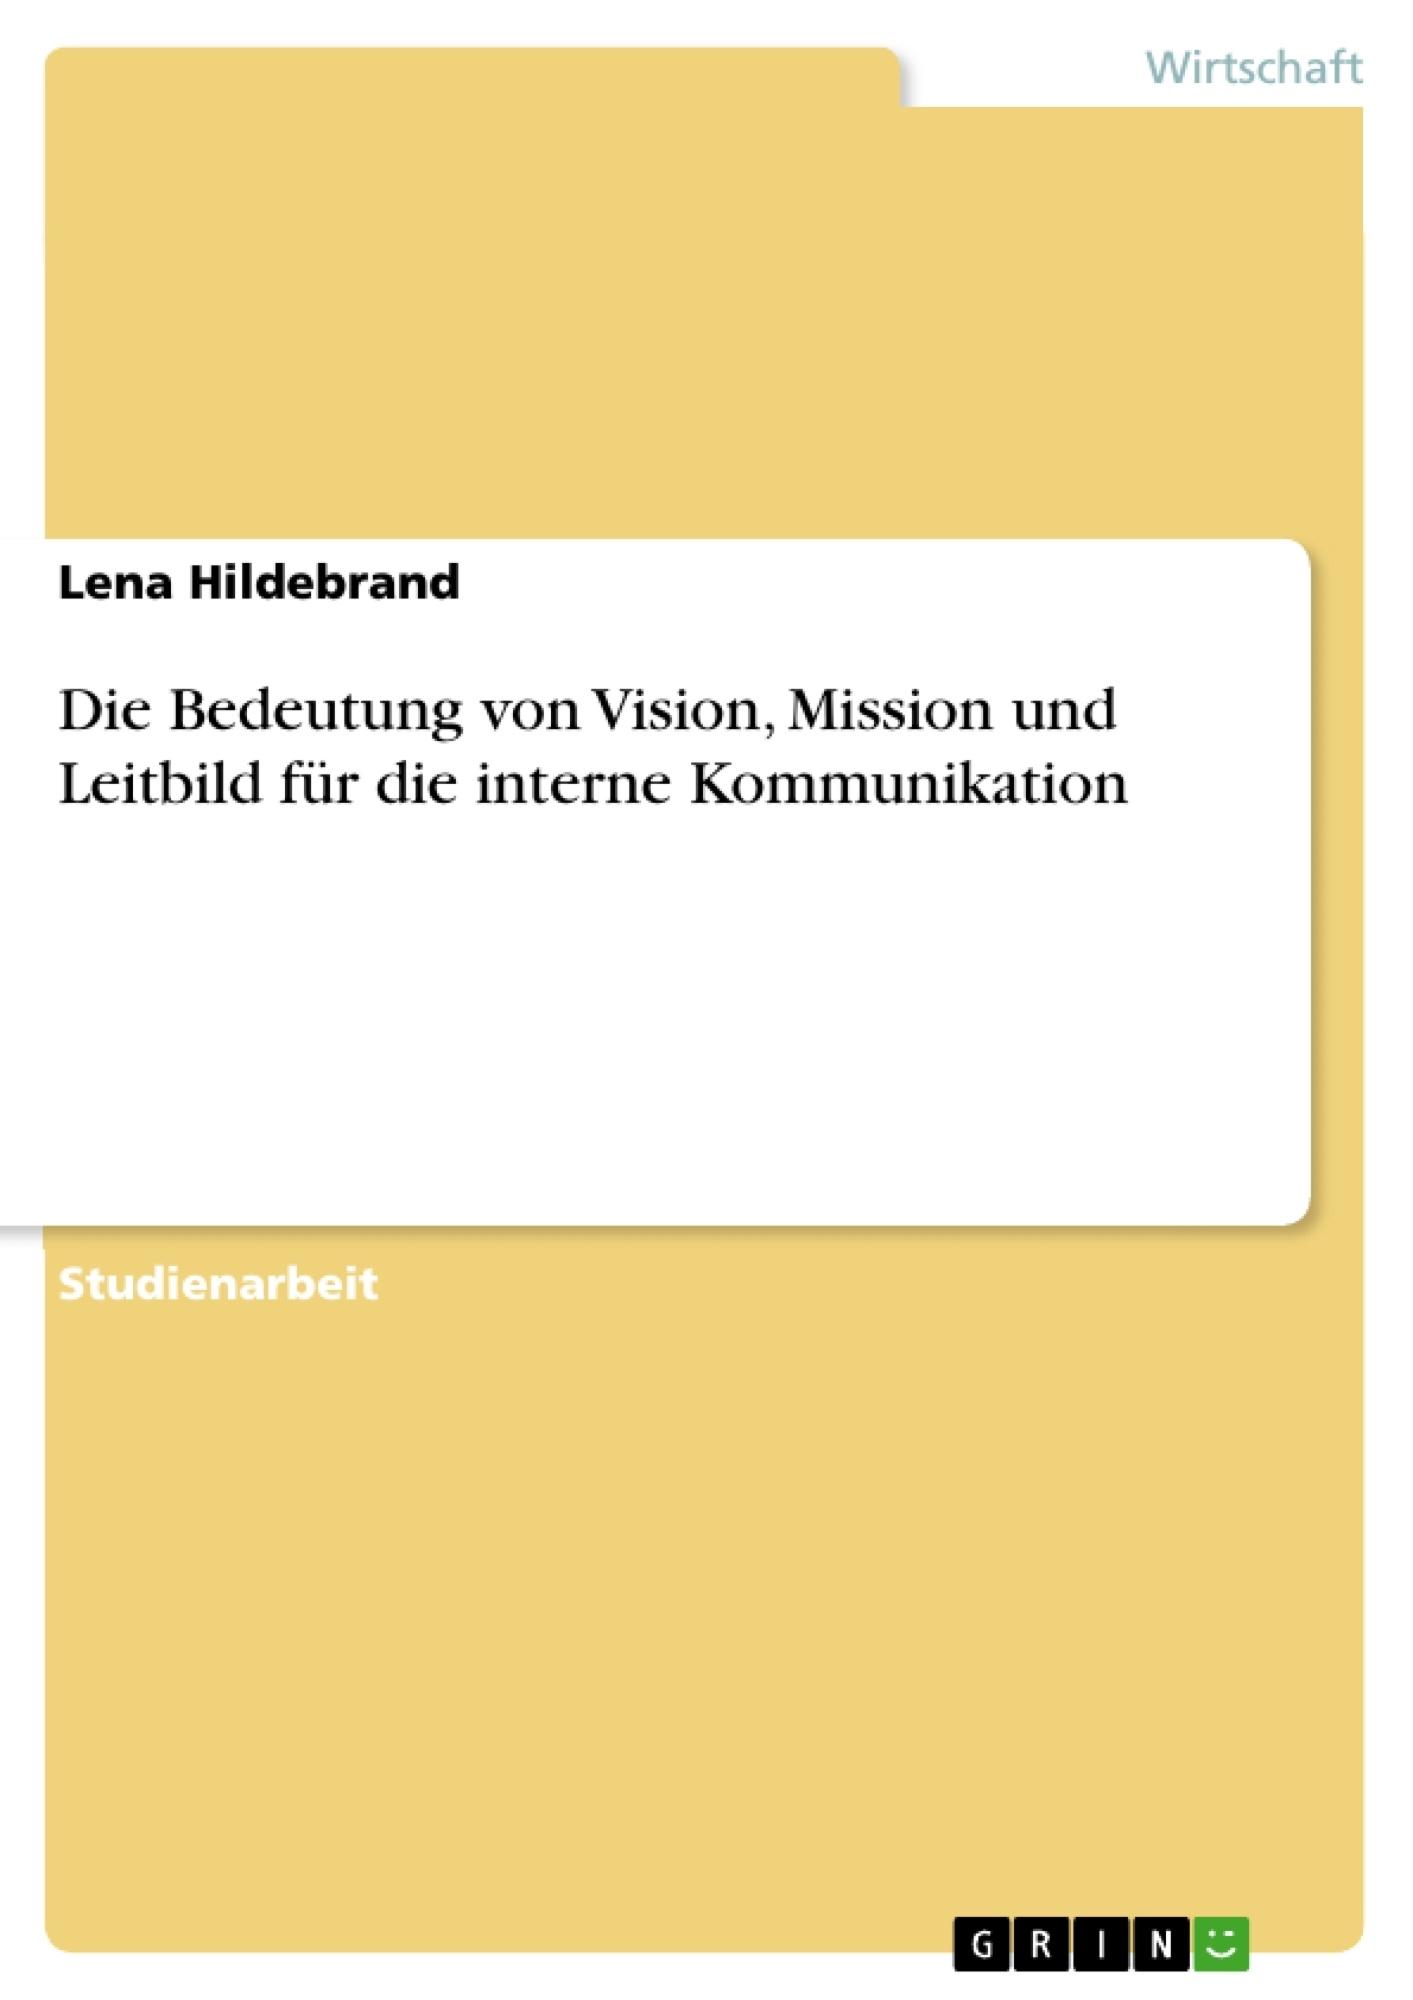 Titel: Die Bedeutung von Vision, Mission und Leitbild für die interne Kommunikation